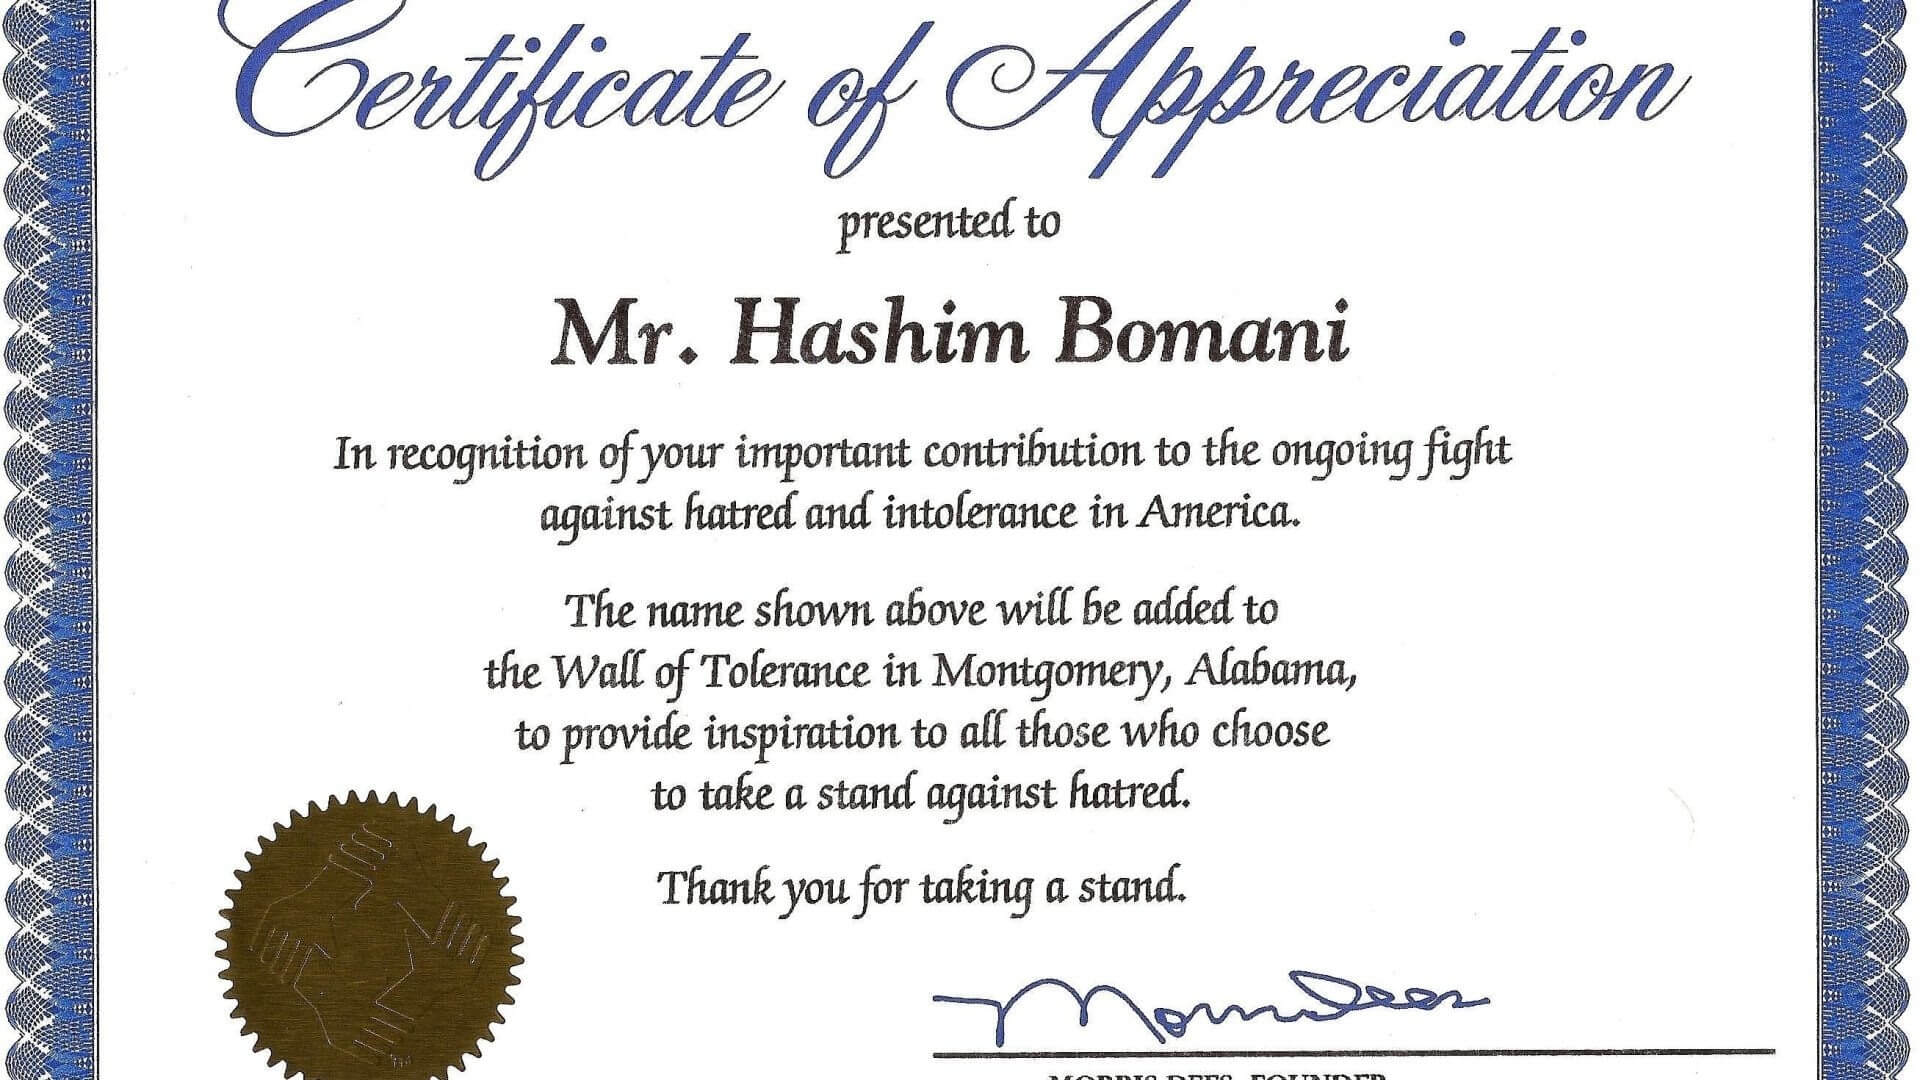 008 Template Ideas Certificates Of Appreciation Awesome in Certificates Of Appreciation Template